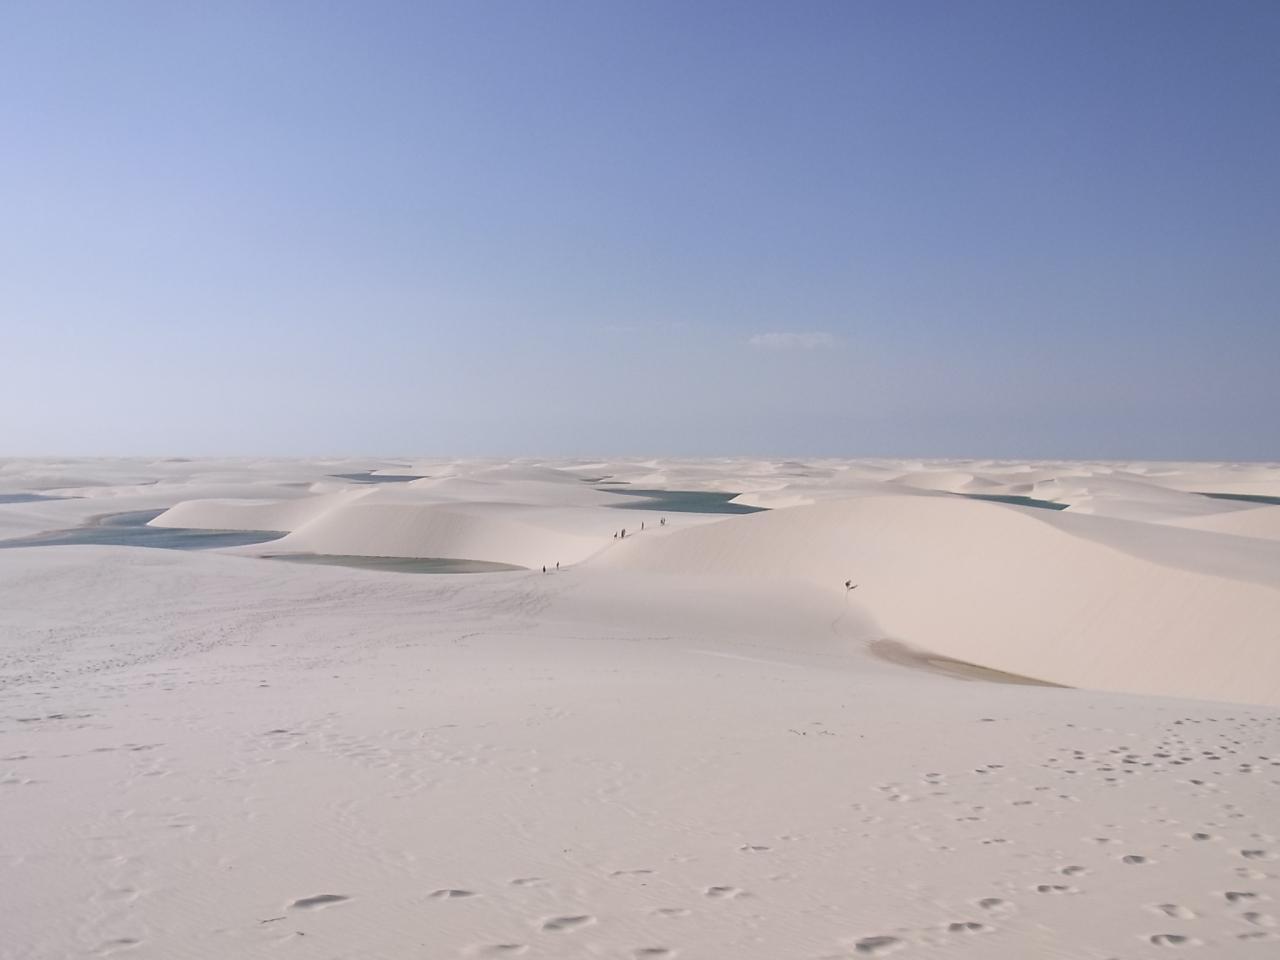 レンソイス マラニャンセス国立公園 - 真っ白に輝く広大な砂丘が一面に広がる